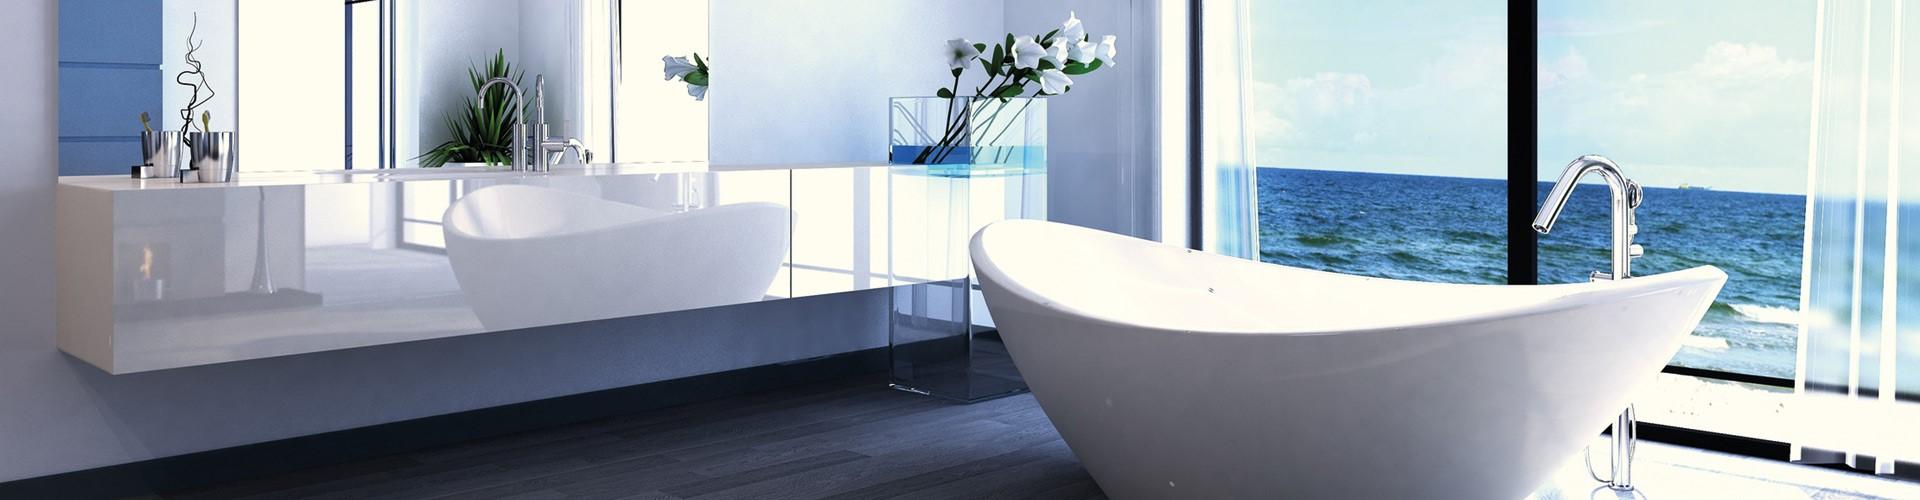 badewanne ersetzen mit dusche badewell. Black Bedroom Furniture Sets. Home Design Ideas